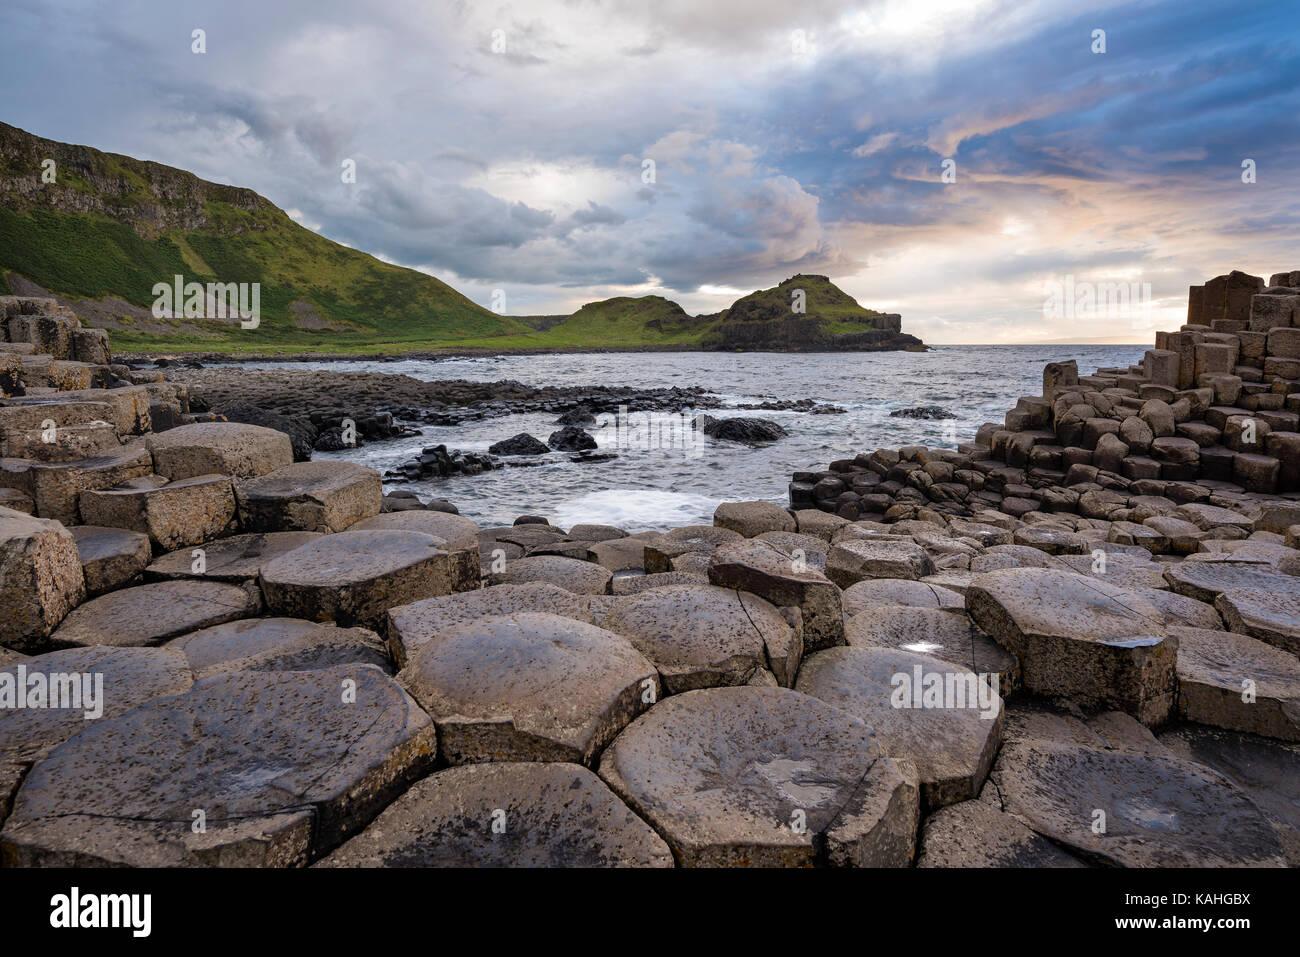 Basaltsäulen am Meer bei Sonnenuntergang, Giant es Causeway, County Antrim, Nordirland, Vereinigtes Königreich Stockfoto